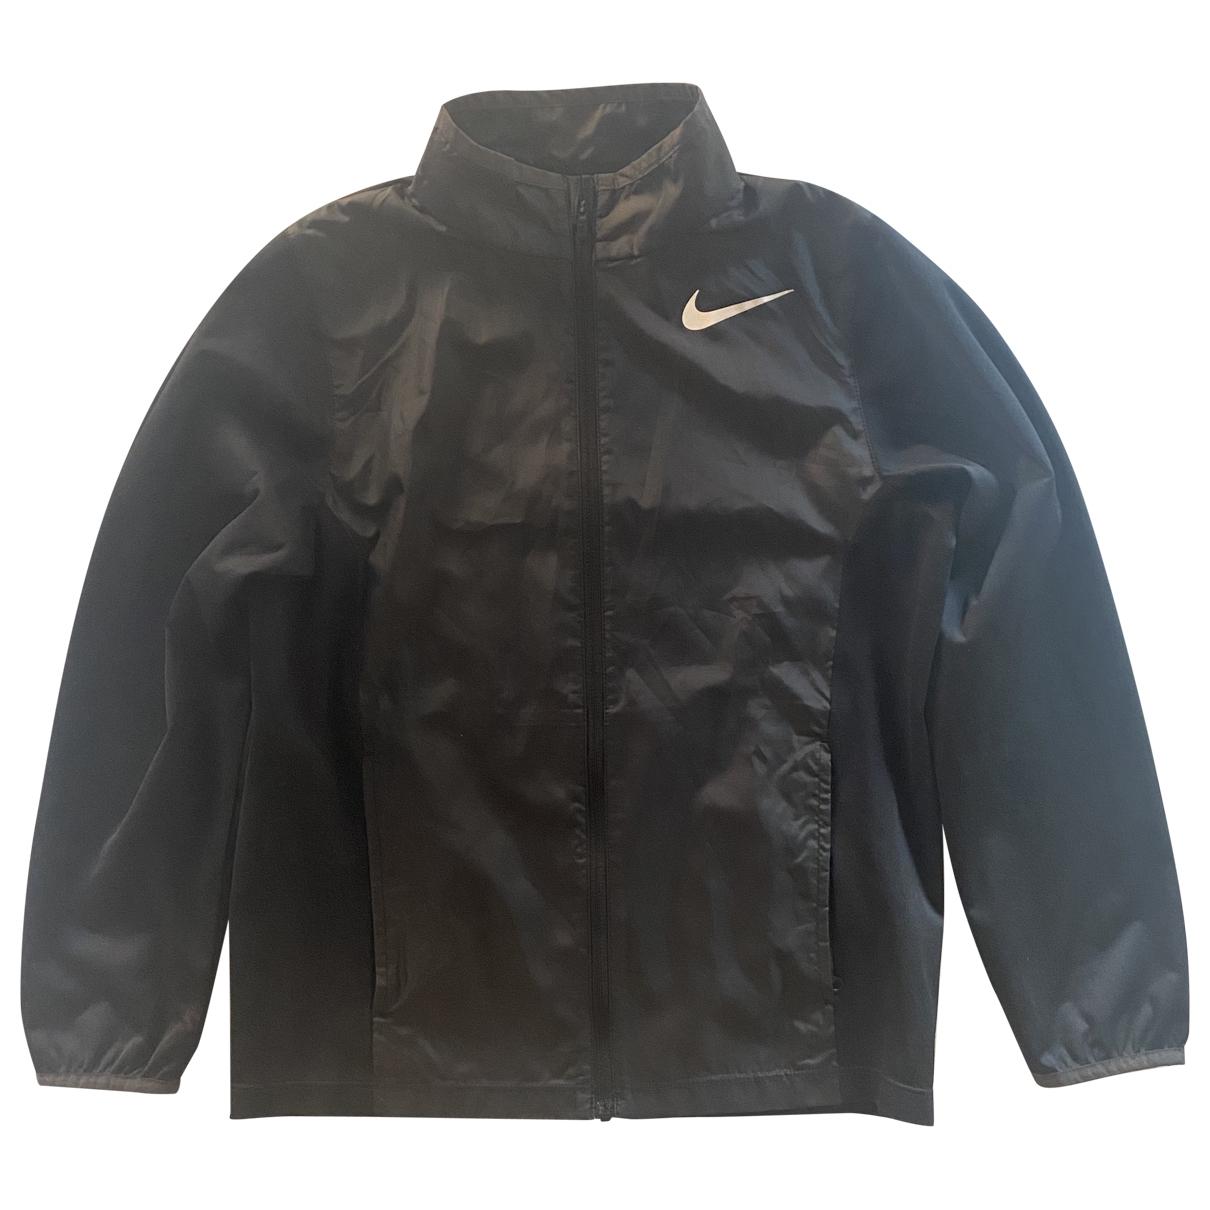 Nike - Blousons.Manteaux   pour enfant - noir